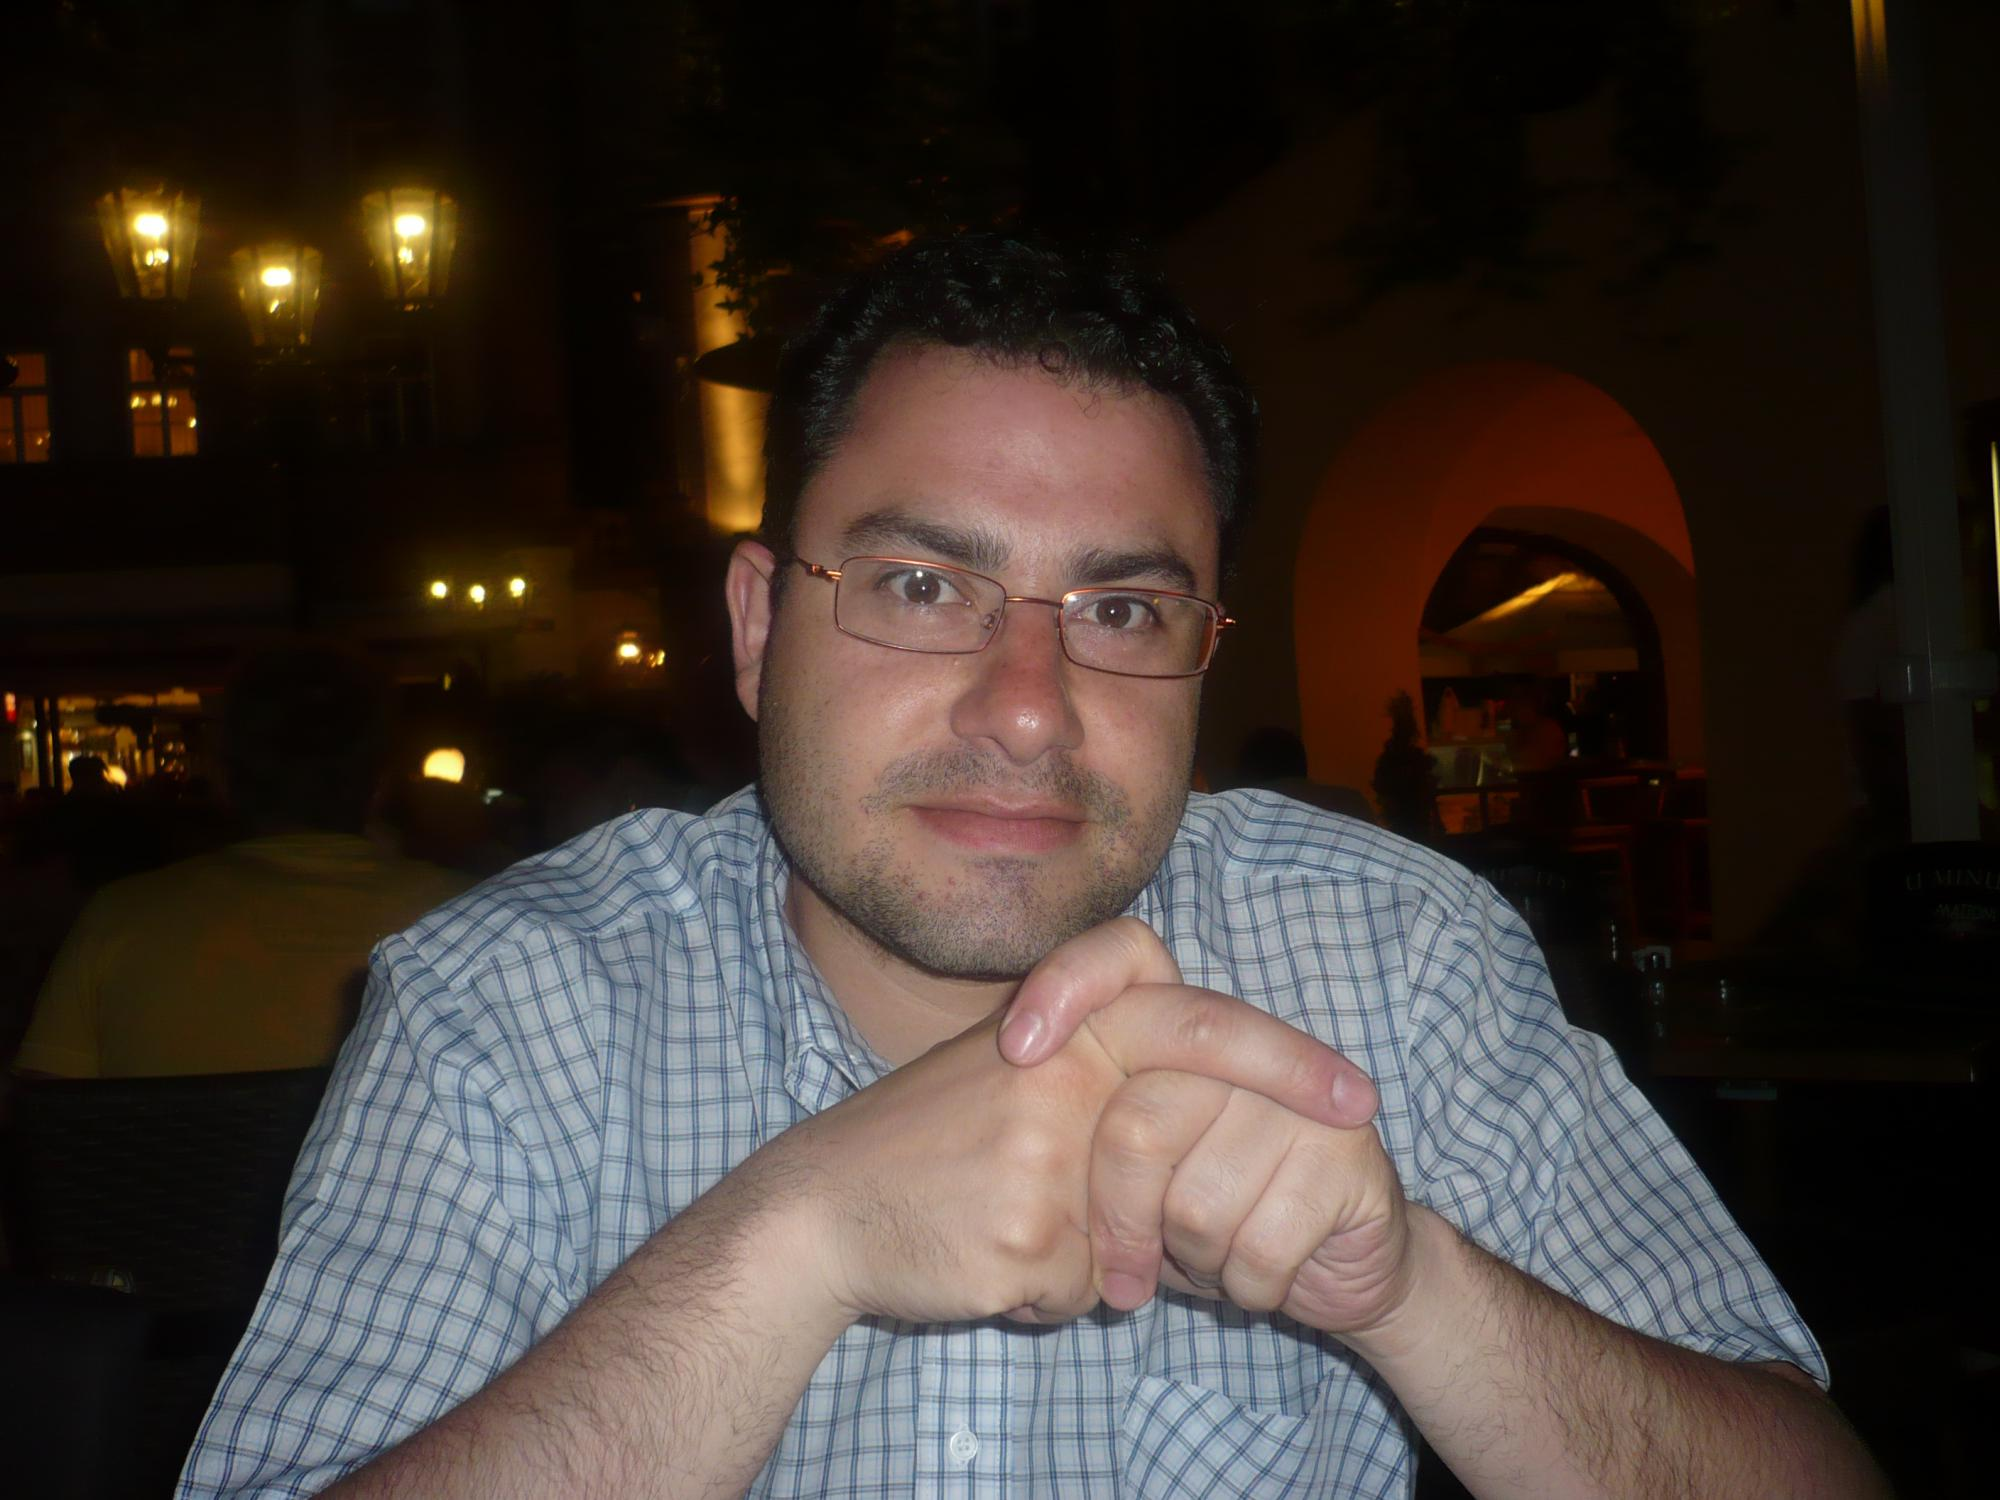 El poeta vallisoletano David Acebes Sampedro obtiene el Primer Premio de Poesía en el Primer Centamen Literario